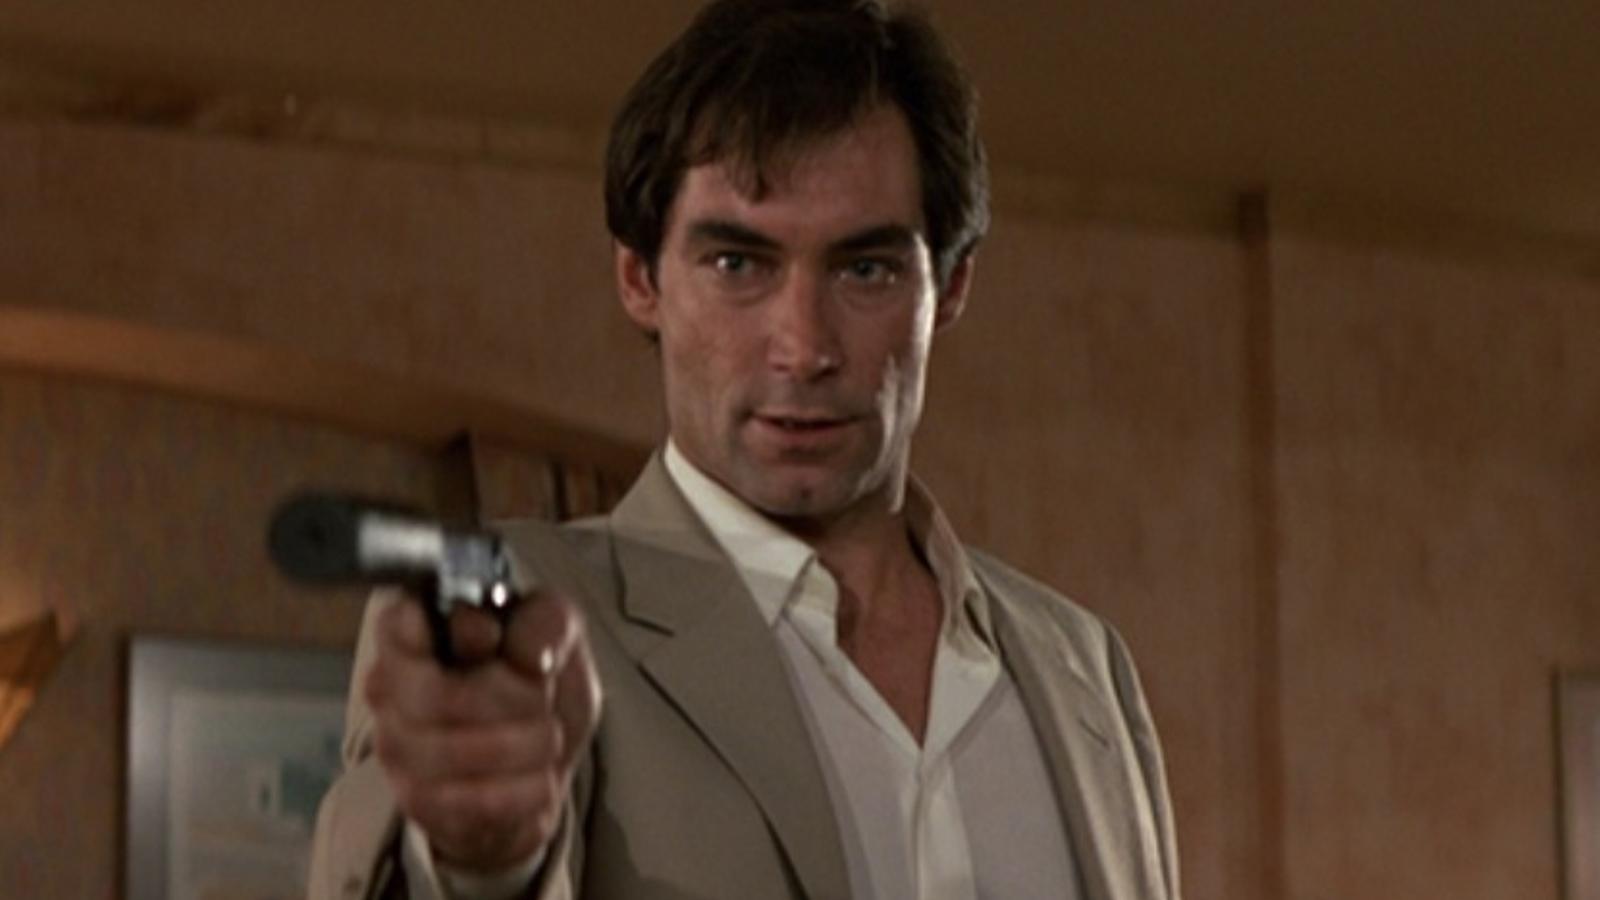 Mega va emetre la pel·lícula '007: Llicència per matar' en horari protegit